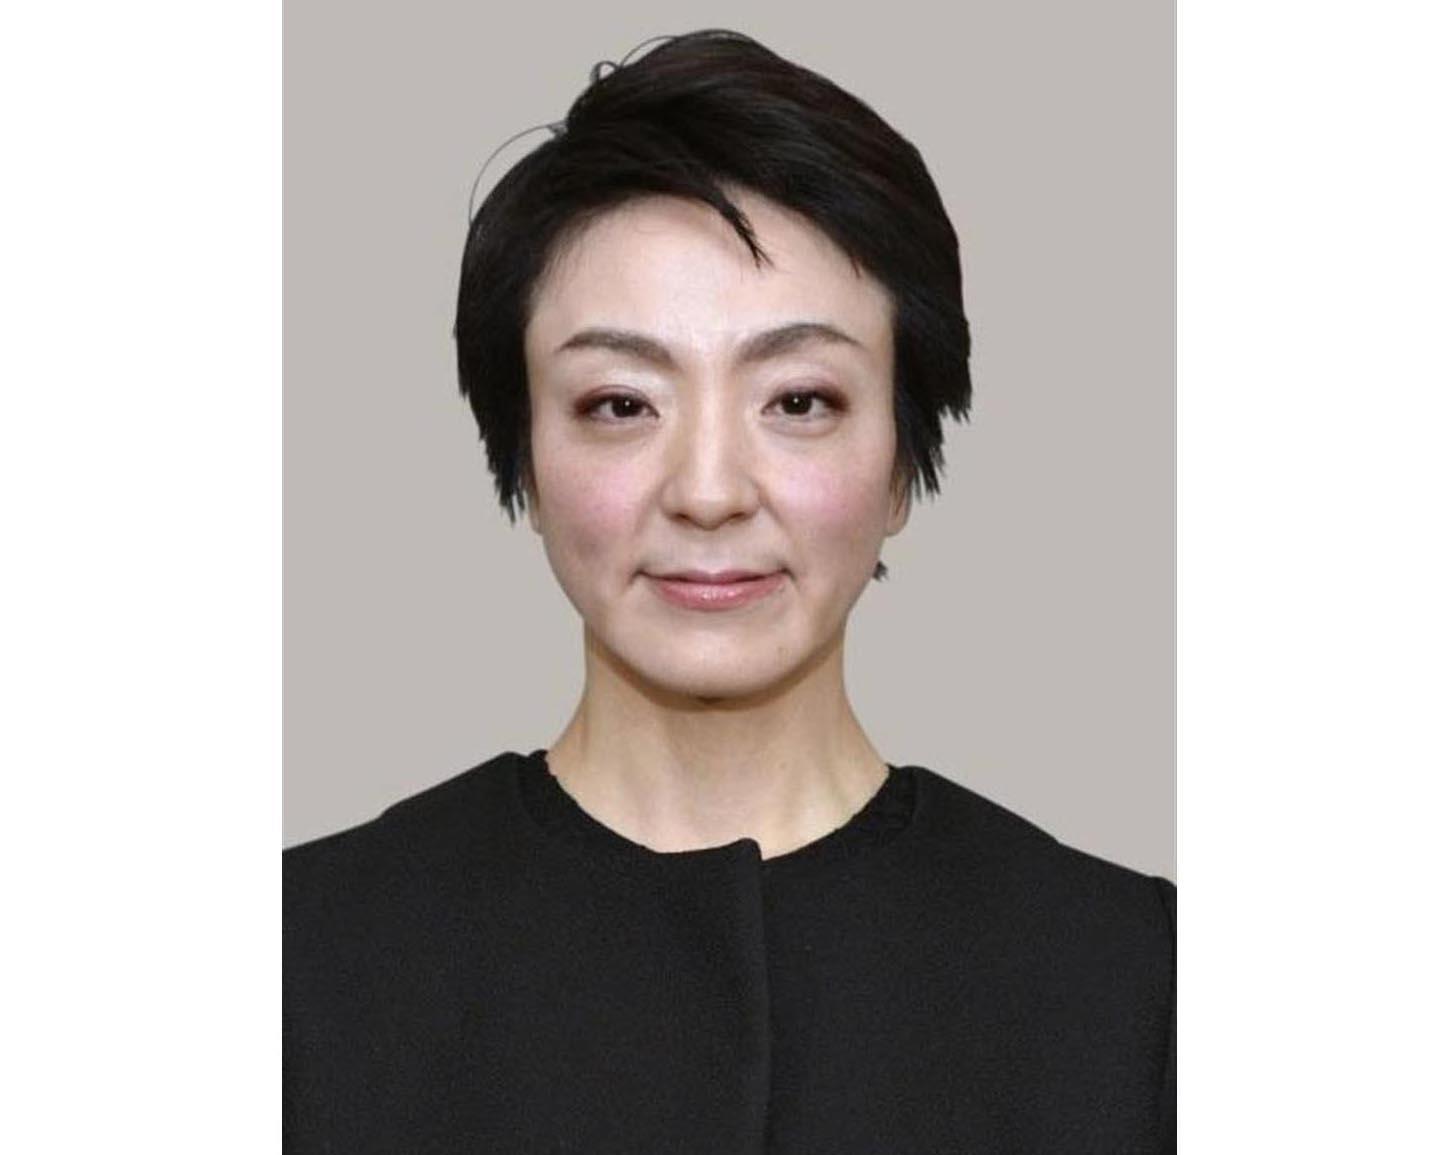 河井案里被告、参院議員辞職へ 4月に参院広島補選 - 産経ニュース